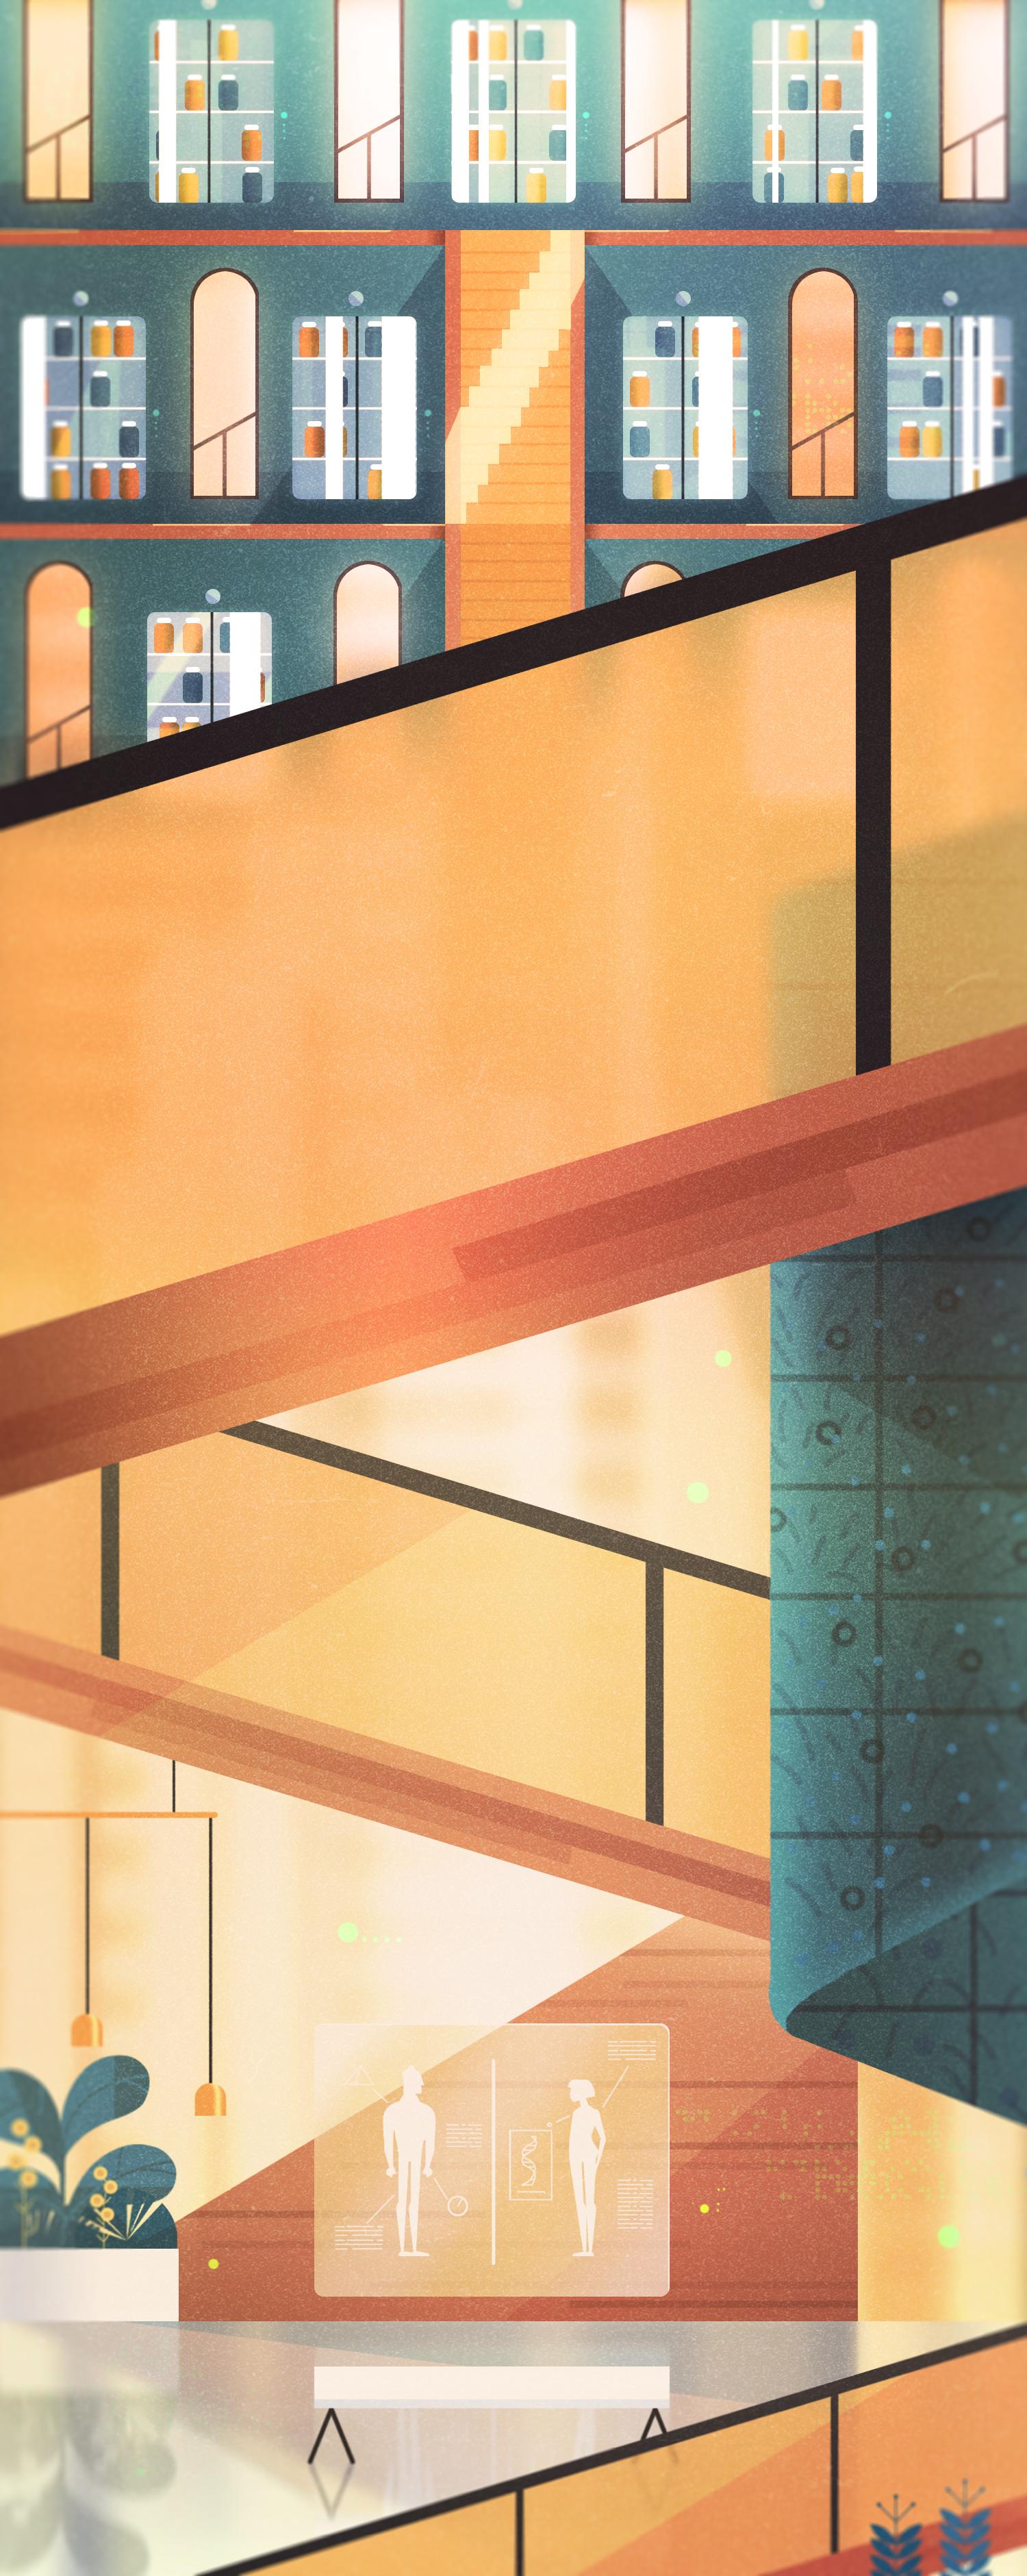 Escalator_v01.jpg